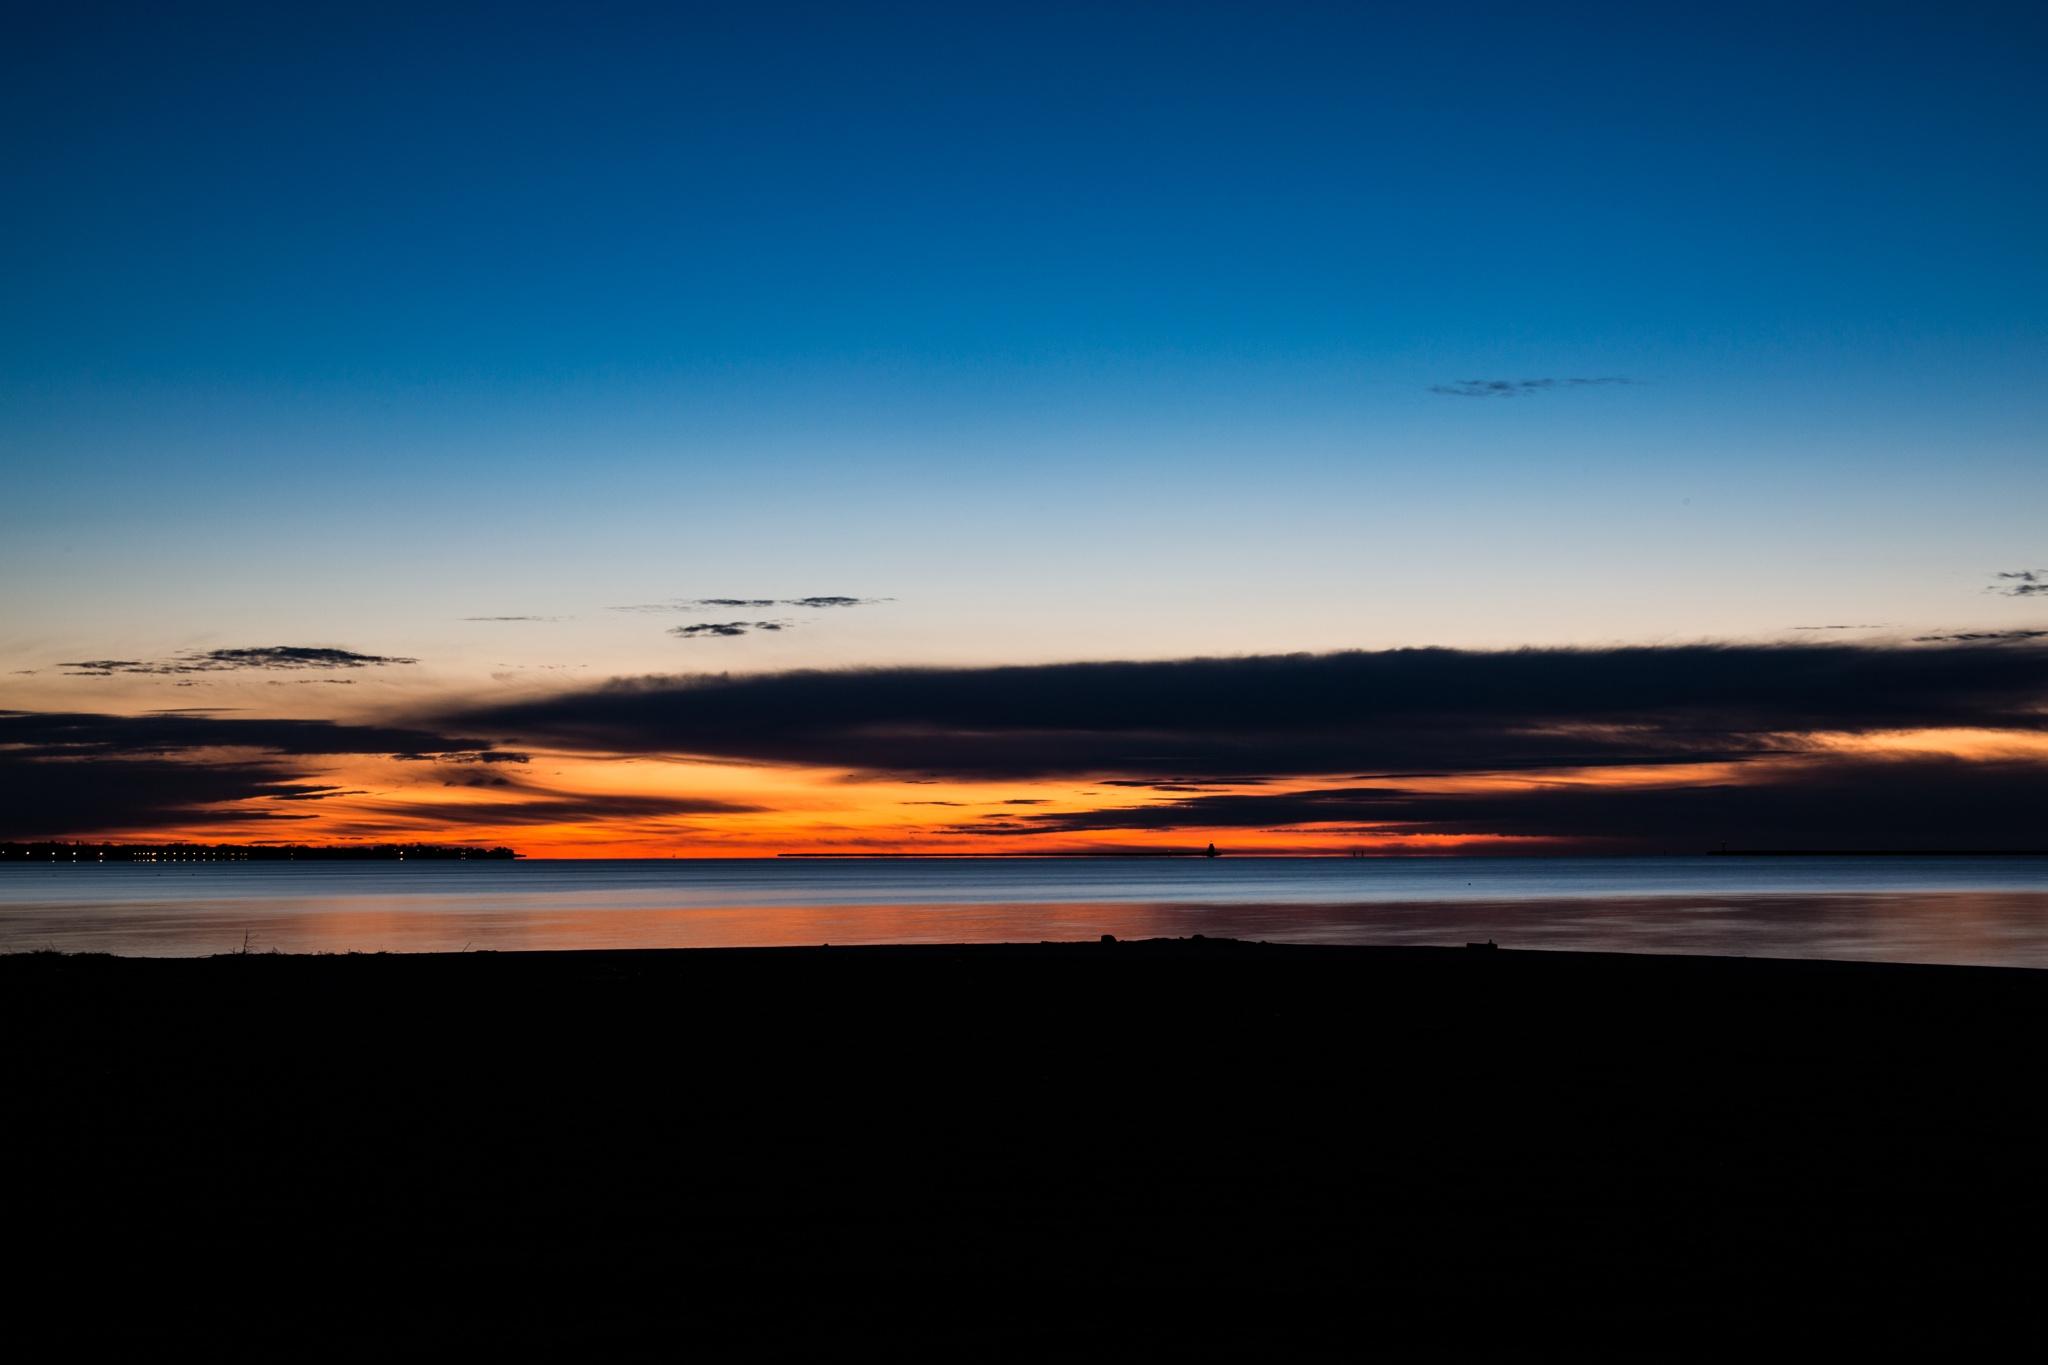 Breaking Dawn by Patrick J Gannon